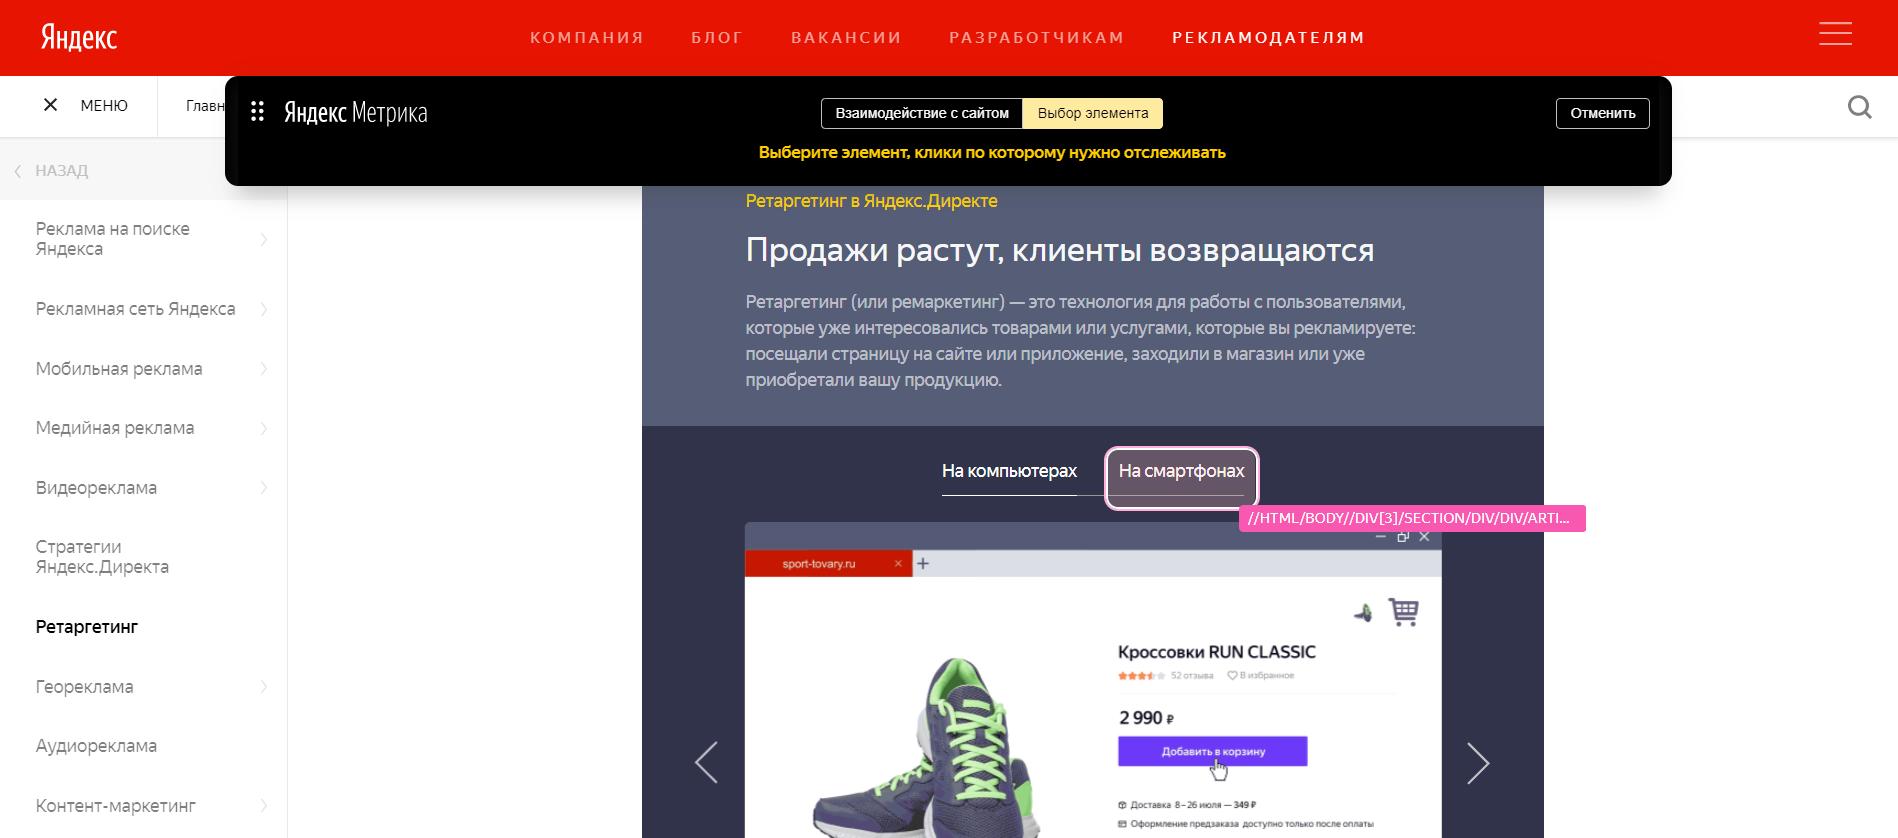 Выбор элемента для цели клик по кнопке в Яндекс.Метрике